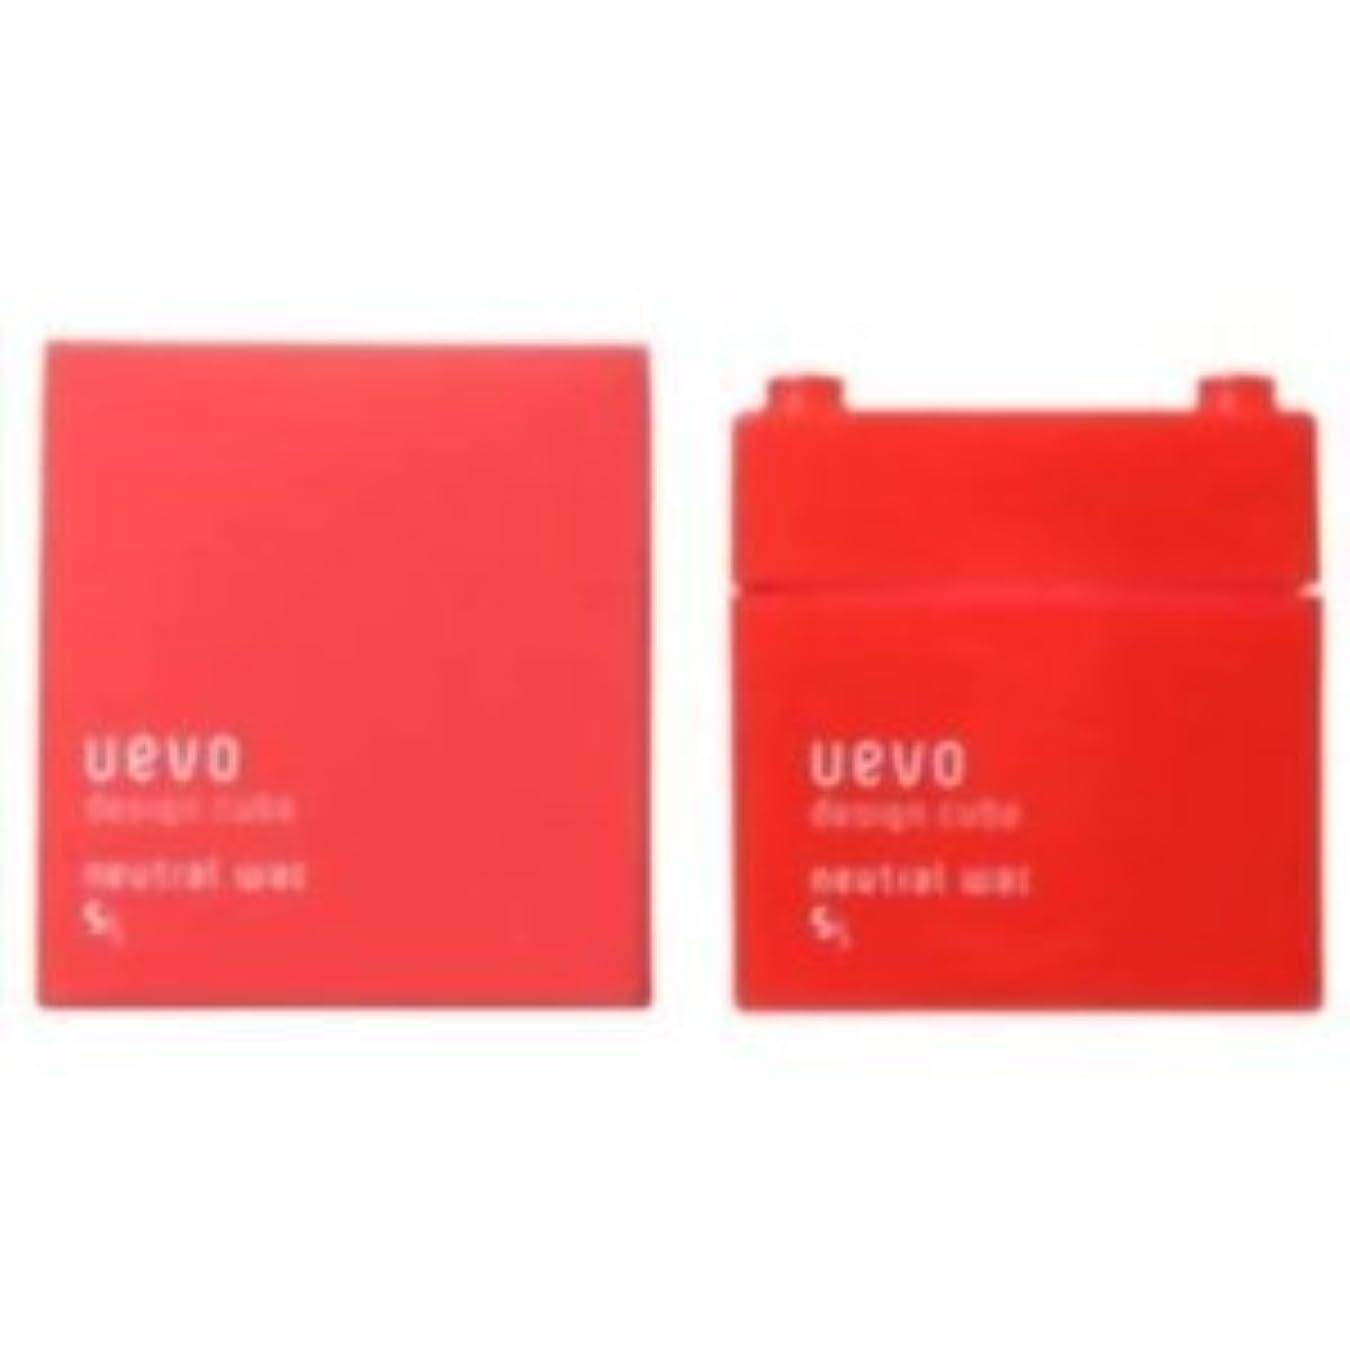 ボア愛狂った【X2個セット】 デミ ウェーボ デザインキューブ ニュートラルワックス 80g neutral wax DEMI uevo design cube